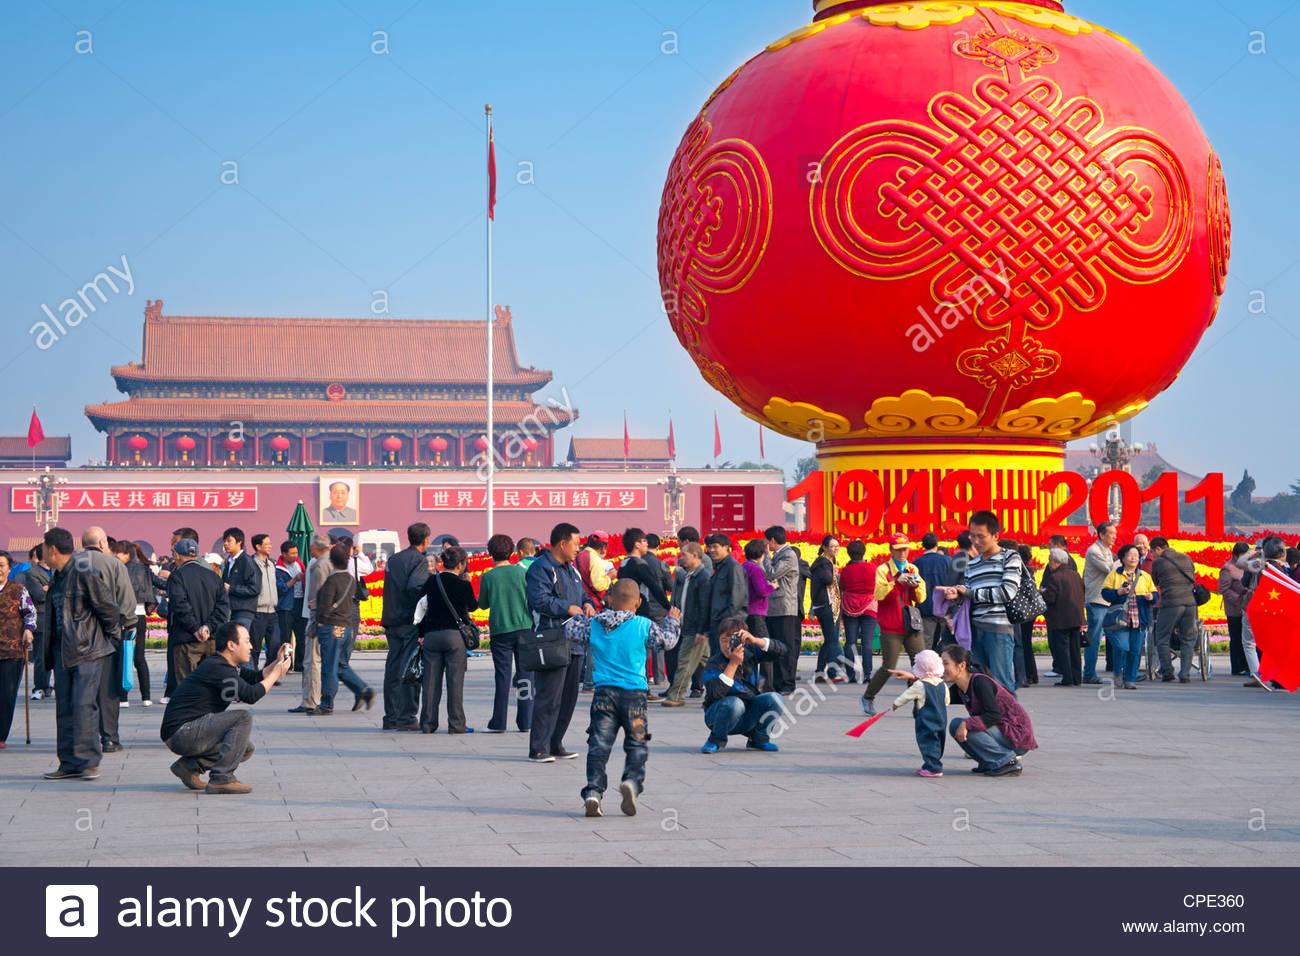 Los lugareños en la plaza de Tiananmen durante los días de fiesta nacional, Pekin, China, Asia Imagen De Stock